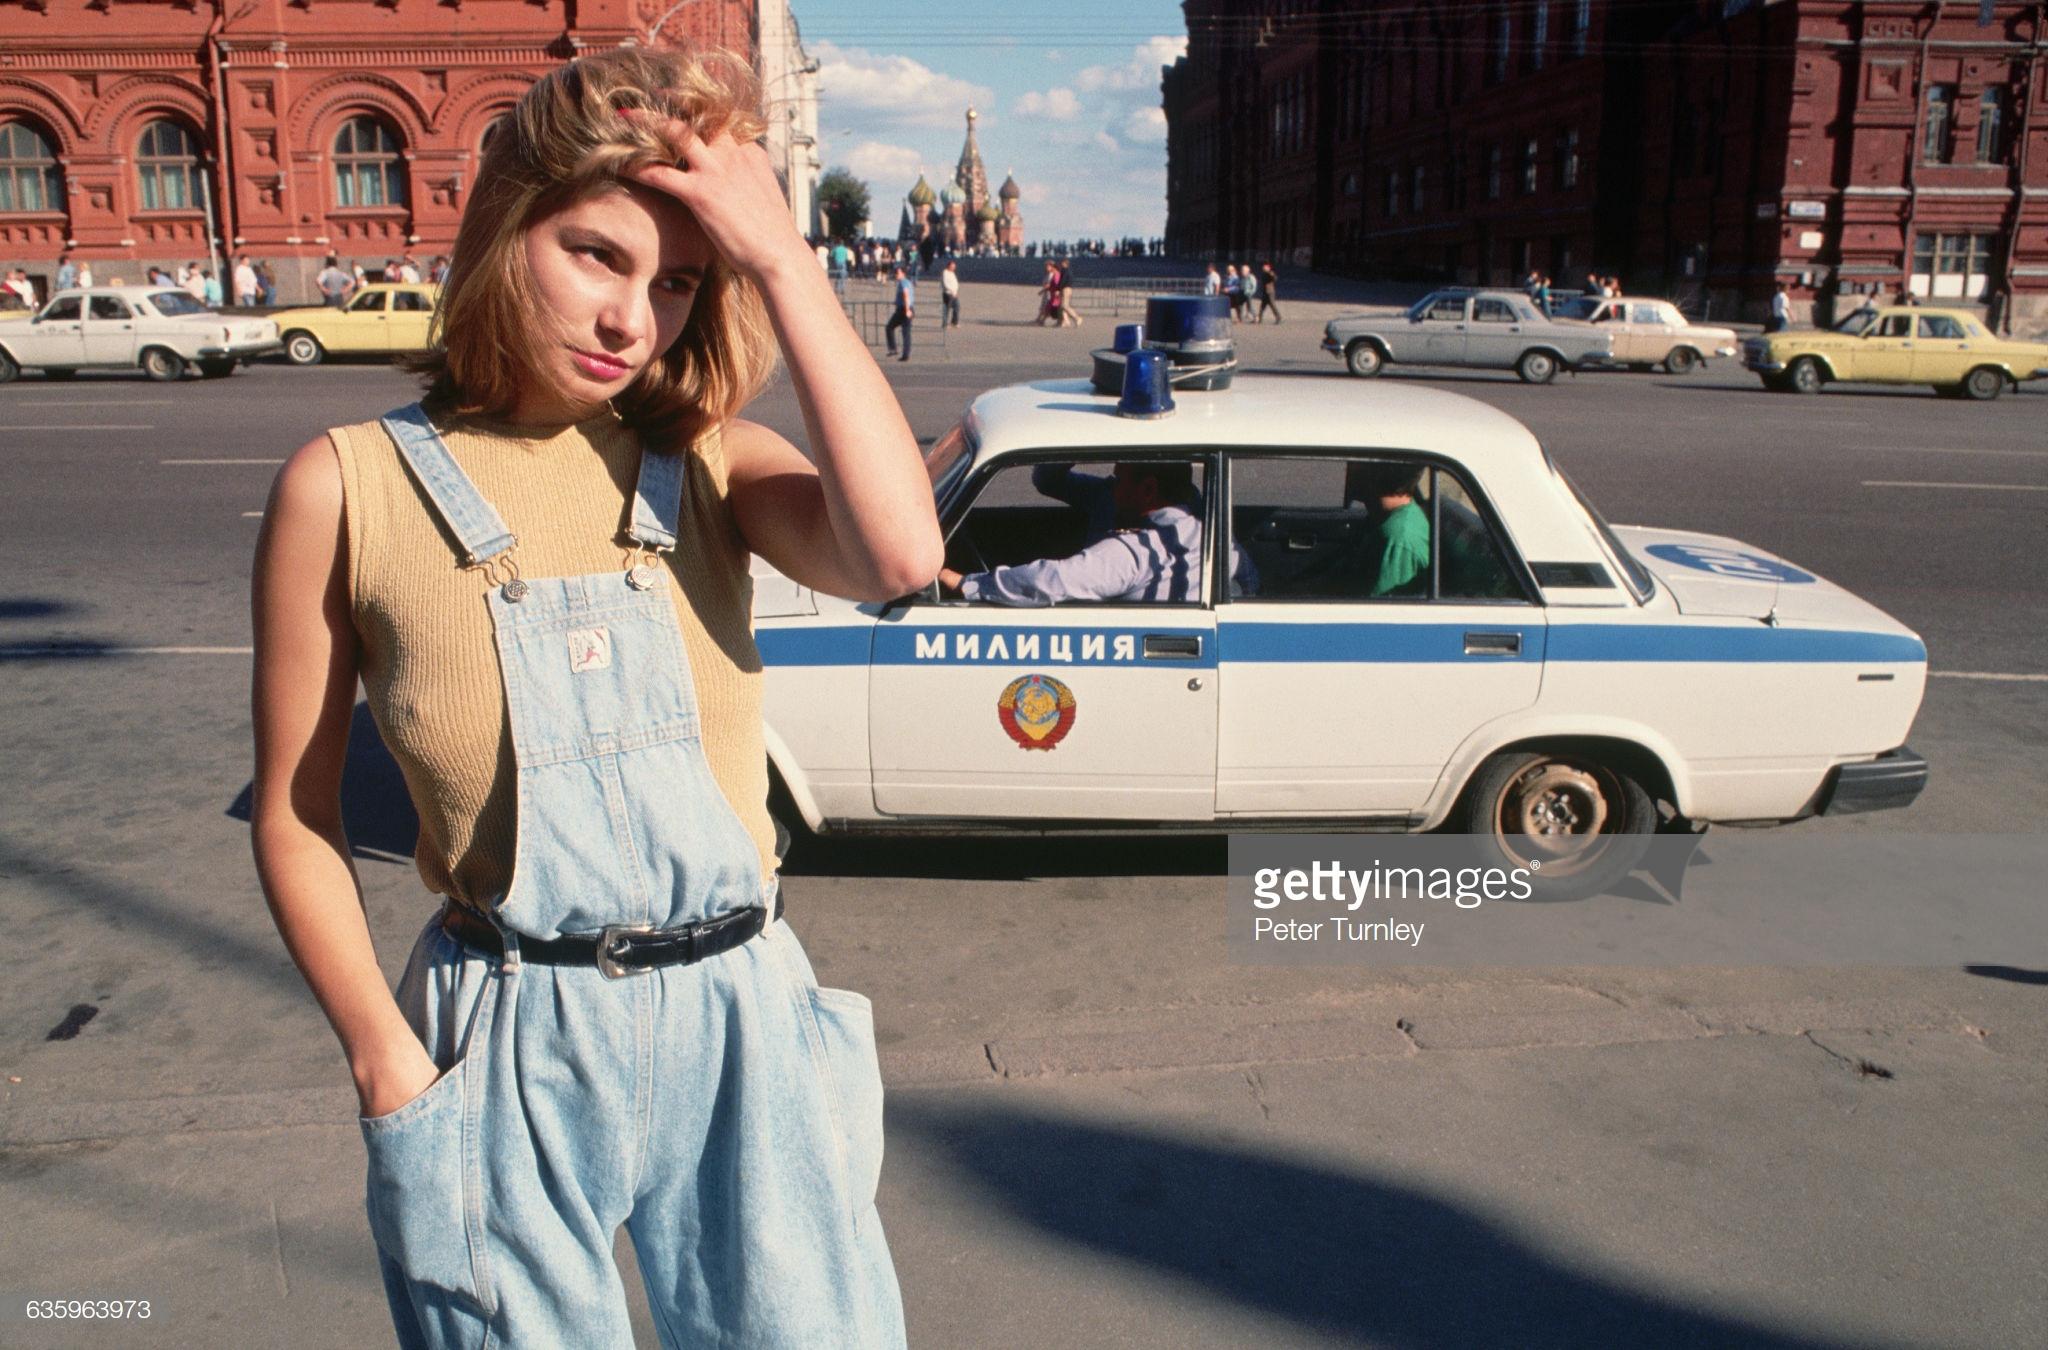 Проститутка Катя, 18 лет, стоит рядом с милицейской машиной на улице возле Красной площади